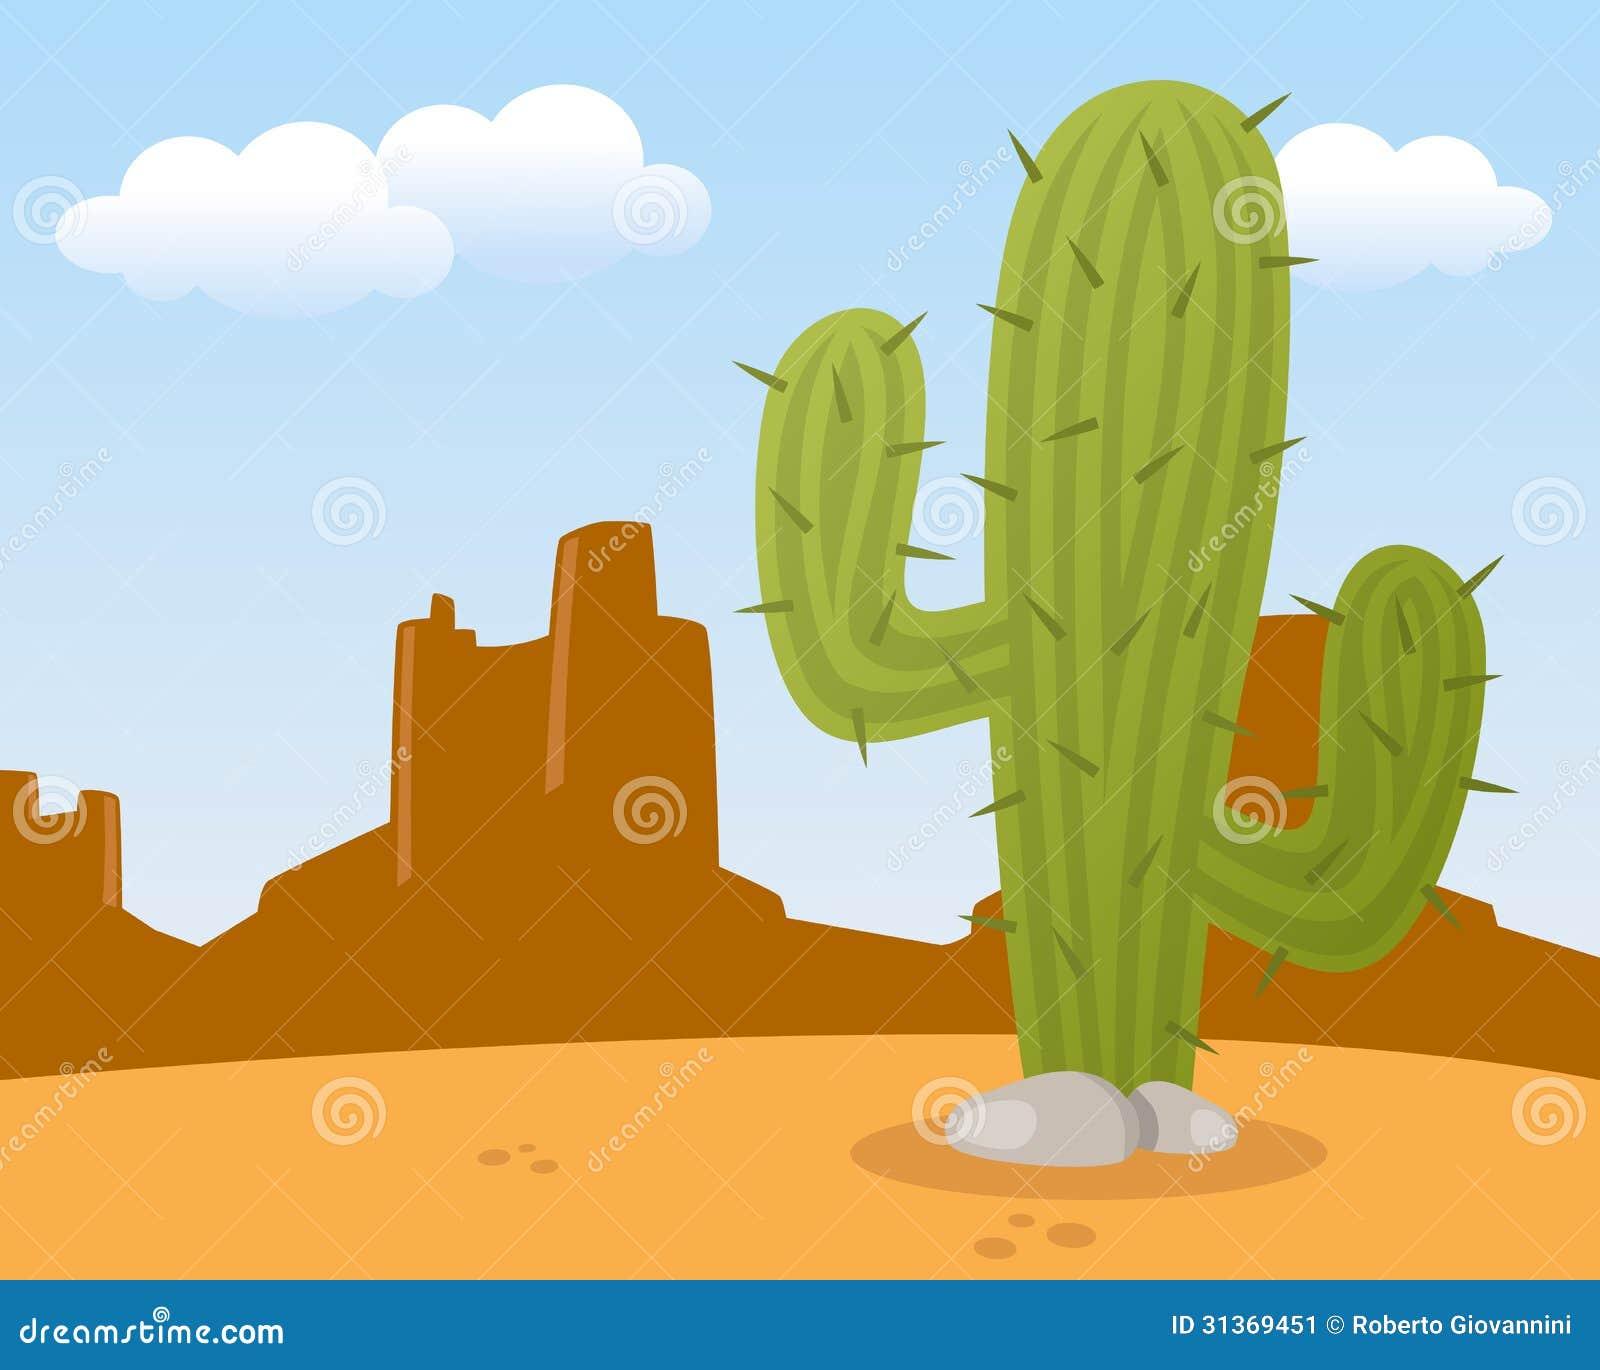 Paesaggio Del Deserto Con Il Cactus Immagine Stock - Immagine ...